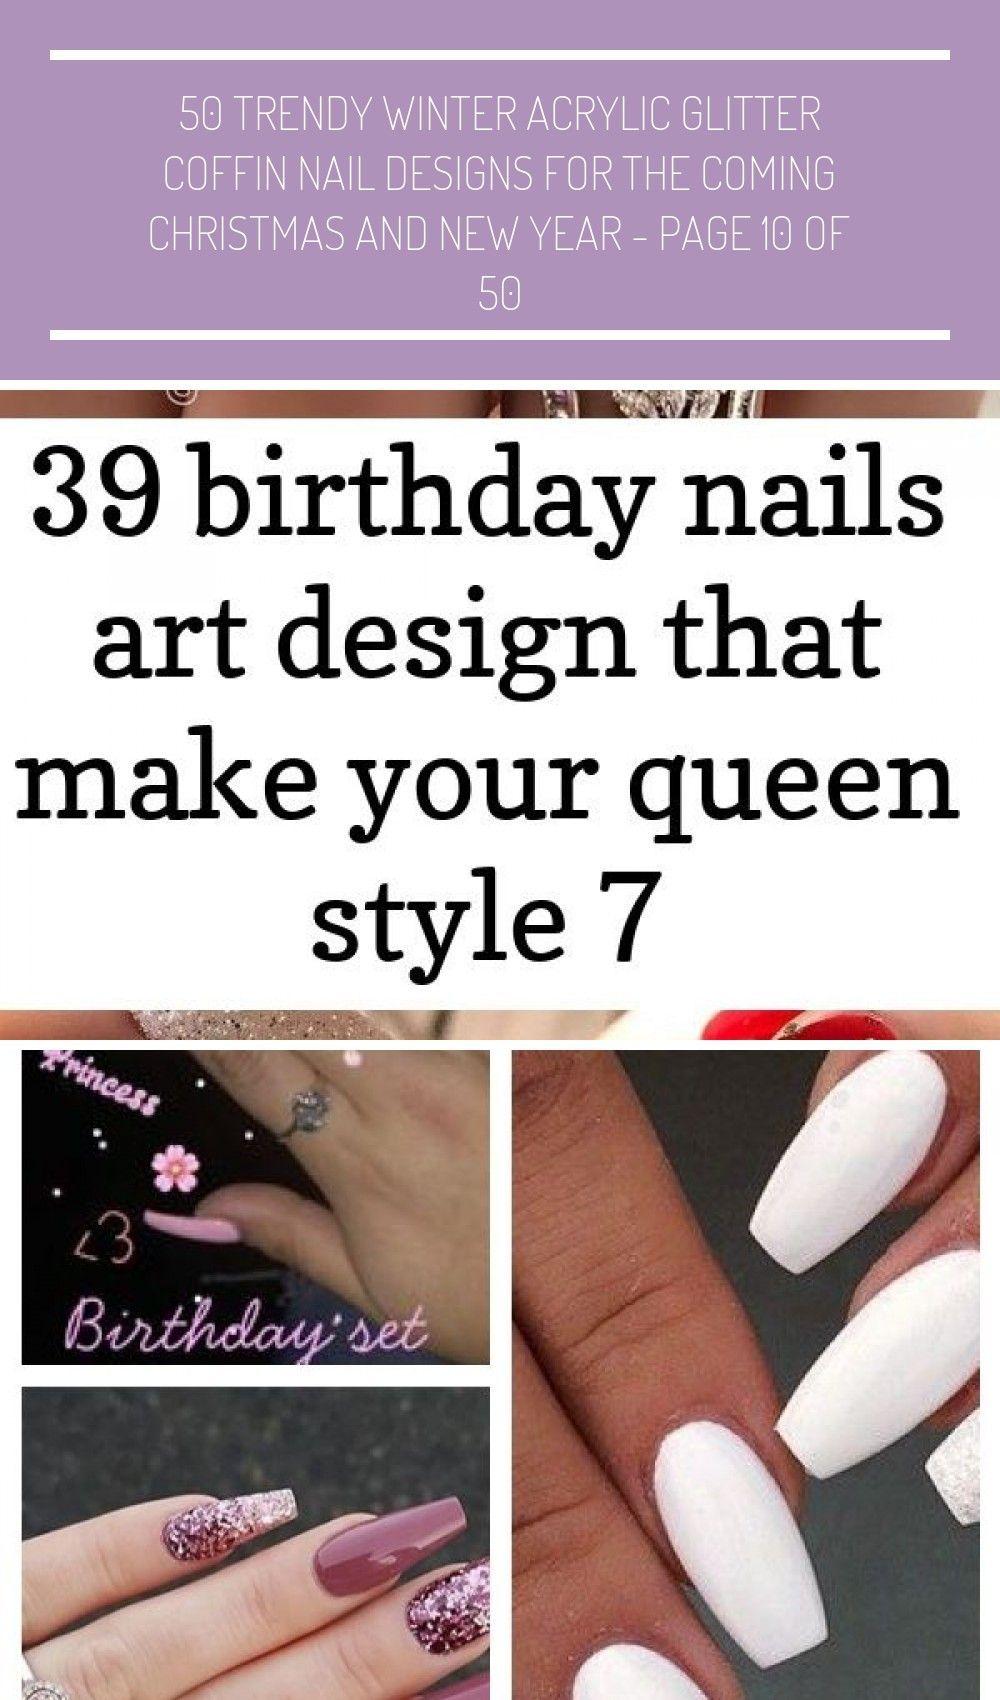 Fascinating Coffin Acrylic Nails Birthday Nails Design Queen Nails Art Gebrannte Mandeln Selber Machen Rezept Fur Gebrannte Mandeln Kasekuchen Mit Keksboden